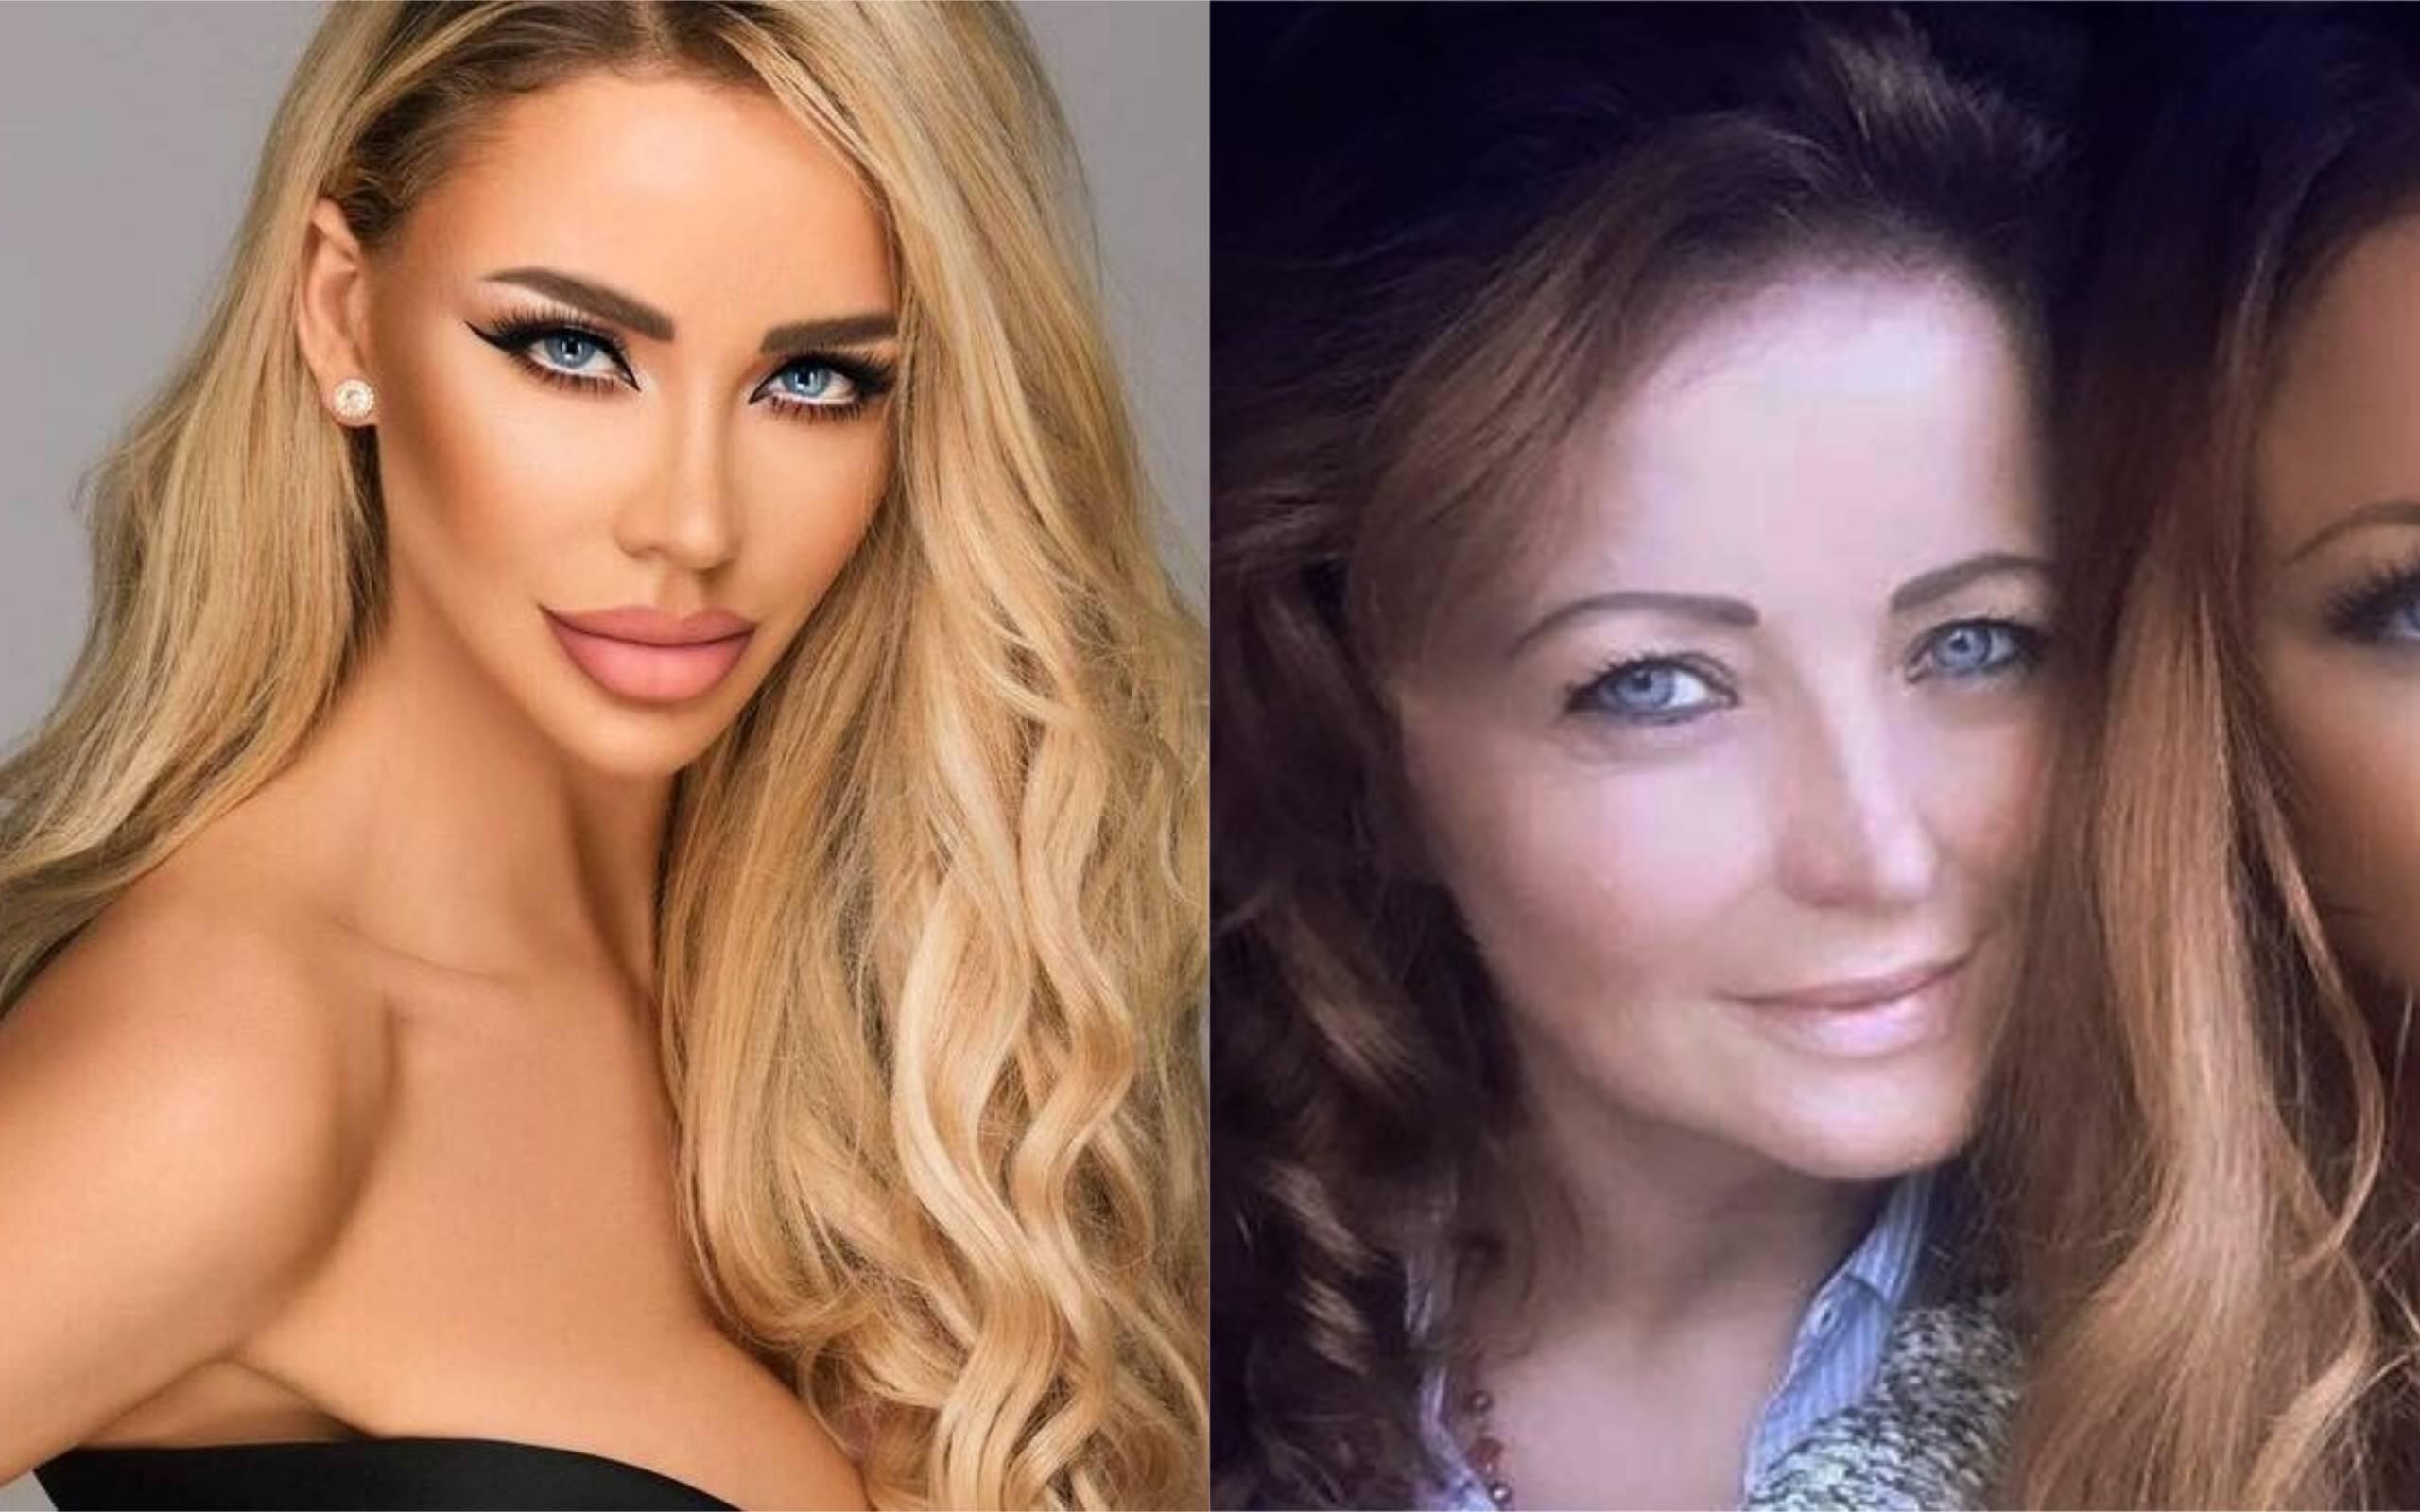 Ce profesie are mama Biancăi Drăgușanu? Madi Dragoș lucrează în serviciul Statului